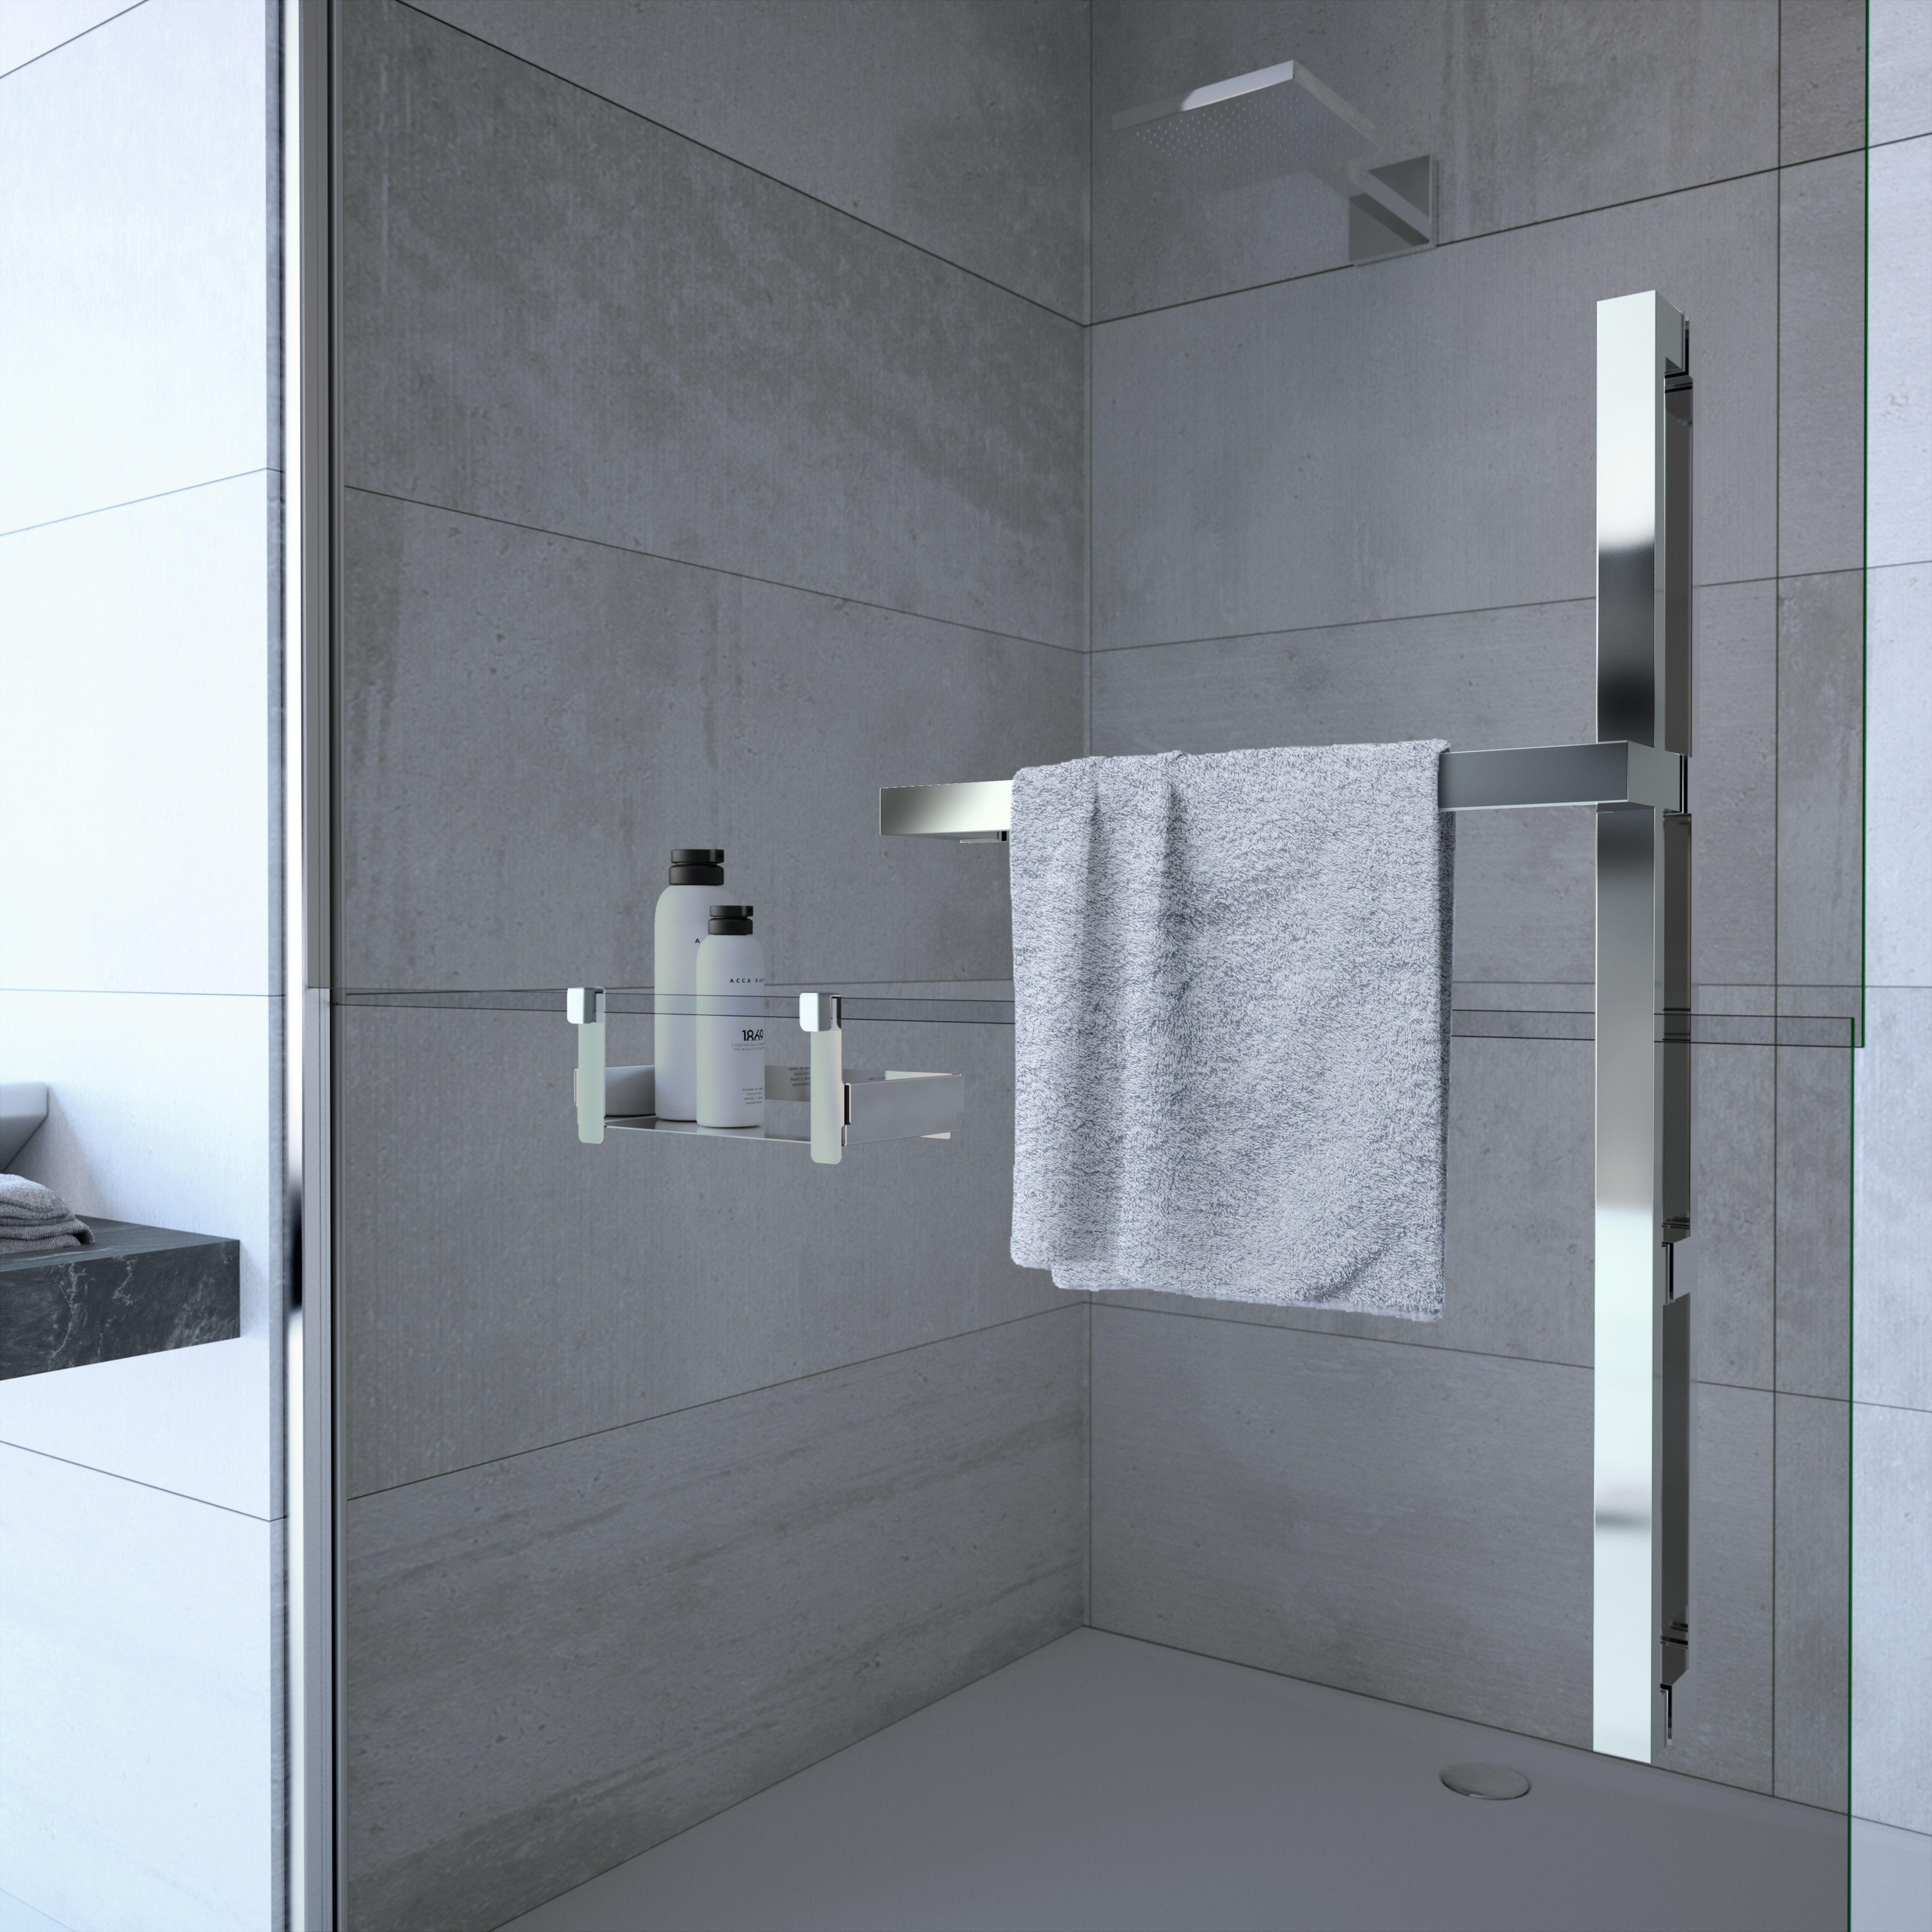 Schones Badezimmer Mit Holzkisten Dekoriert Badezimmer Doppelwaschbecken In 2020 Double Sink Bathroom Master Bathroom Decor Appartment Decor